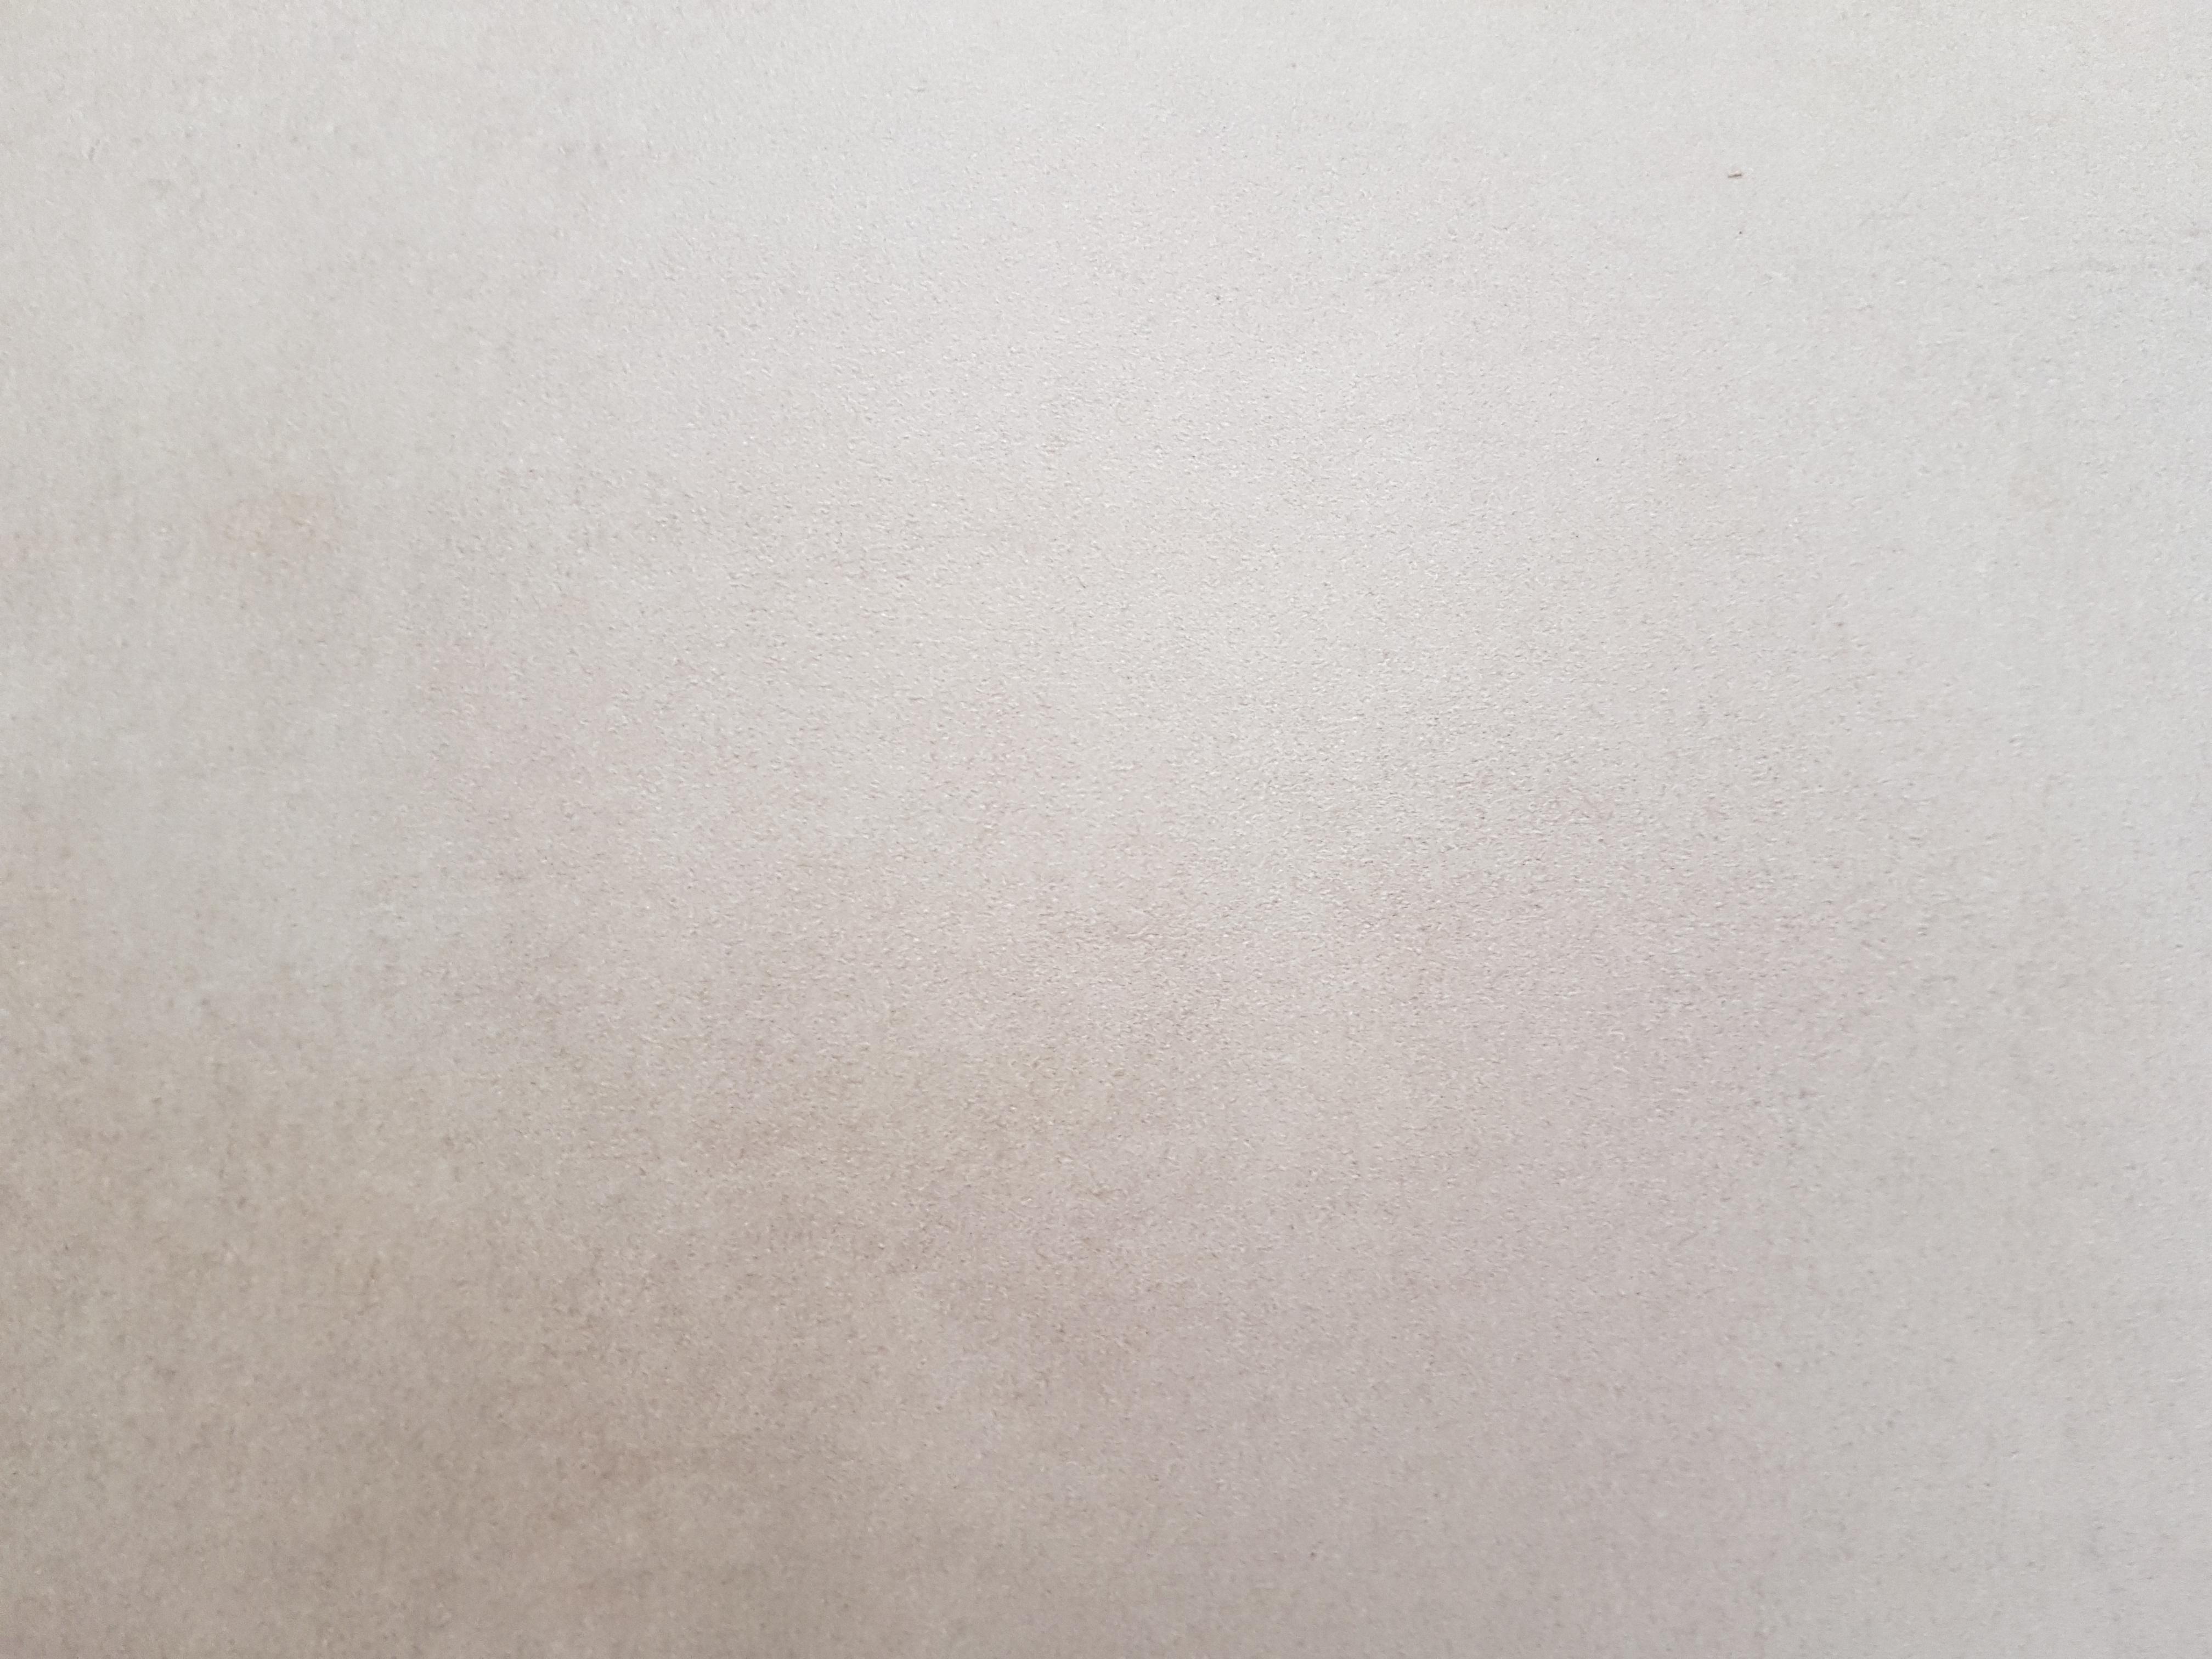 Villeroy & Boch 45x90cm Bodenfliese Vilbostone grau +, eingebrannter Fleckschutz 2. Sorte